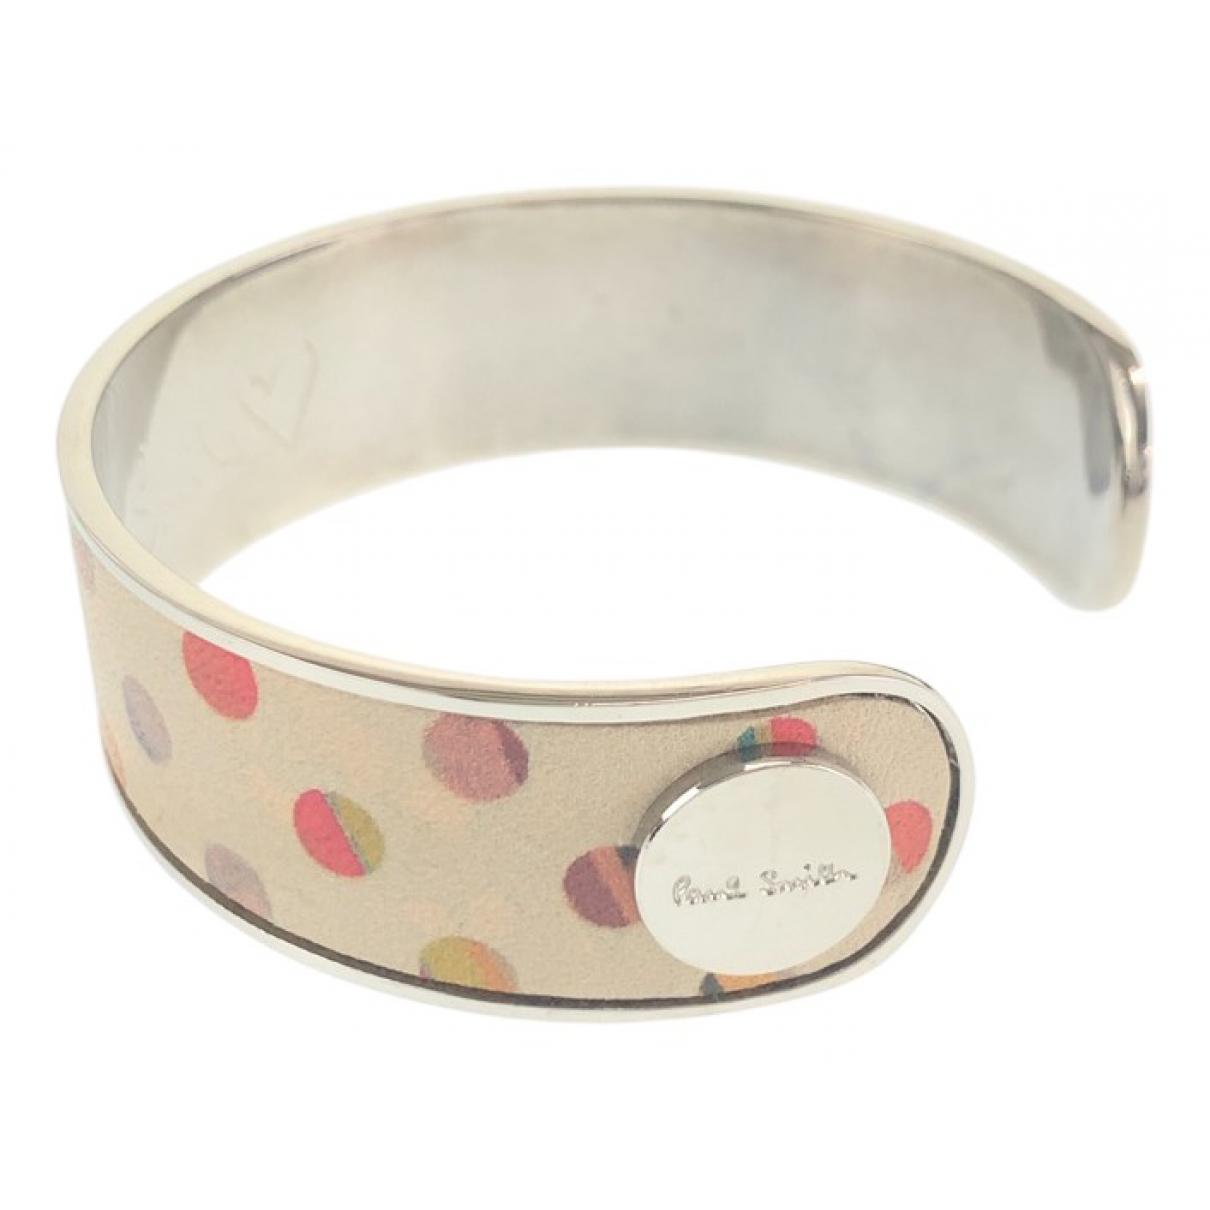 Paul Smith - Bracelet   pour femme en autre